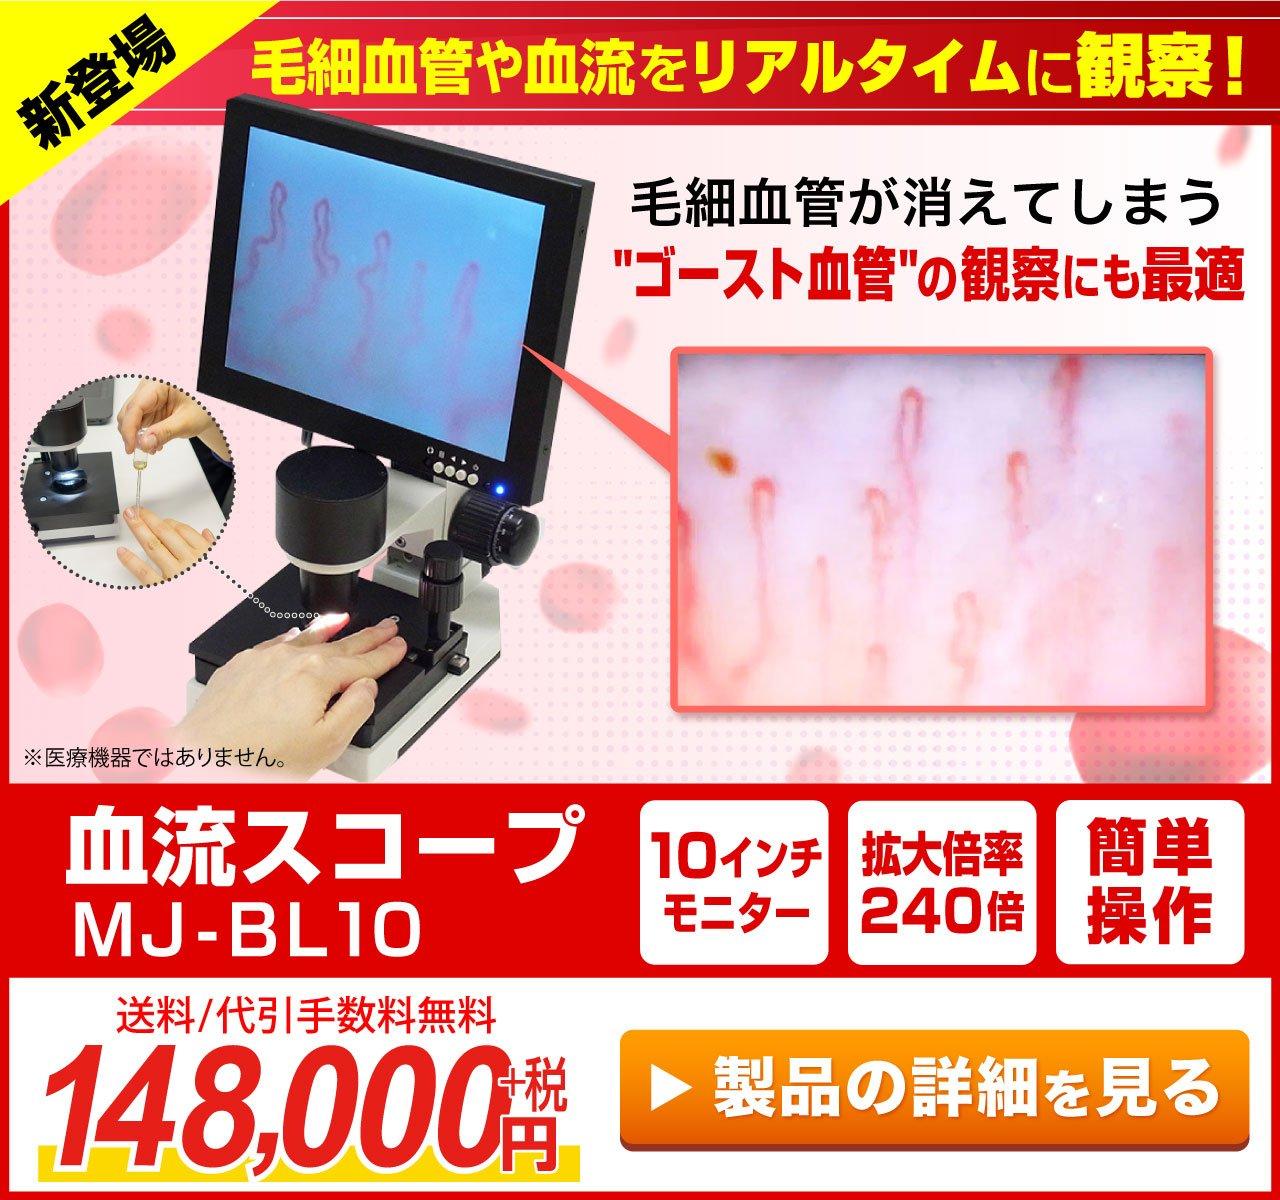 毛細血管や血流をリアルタイムに観察!MJ-BL10